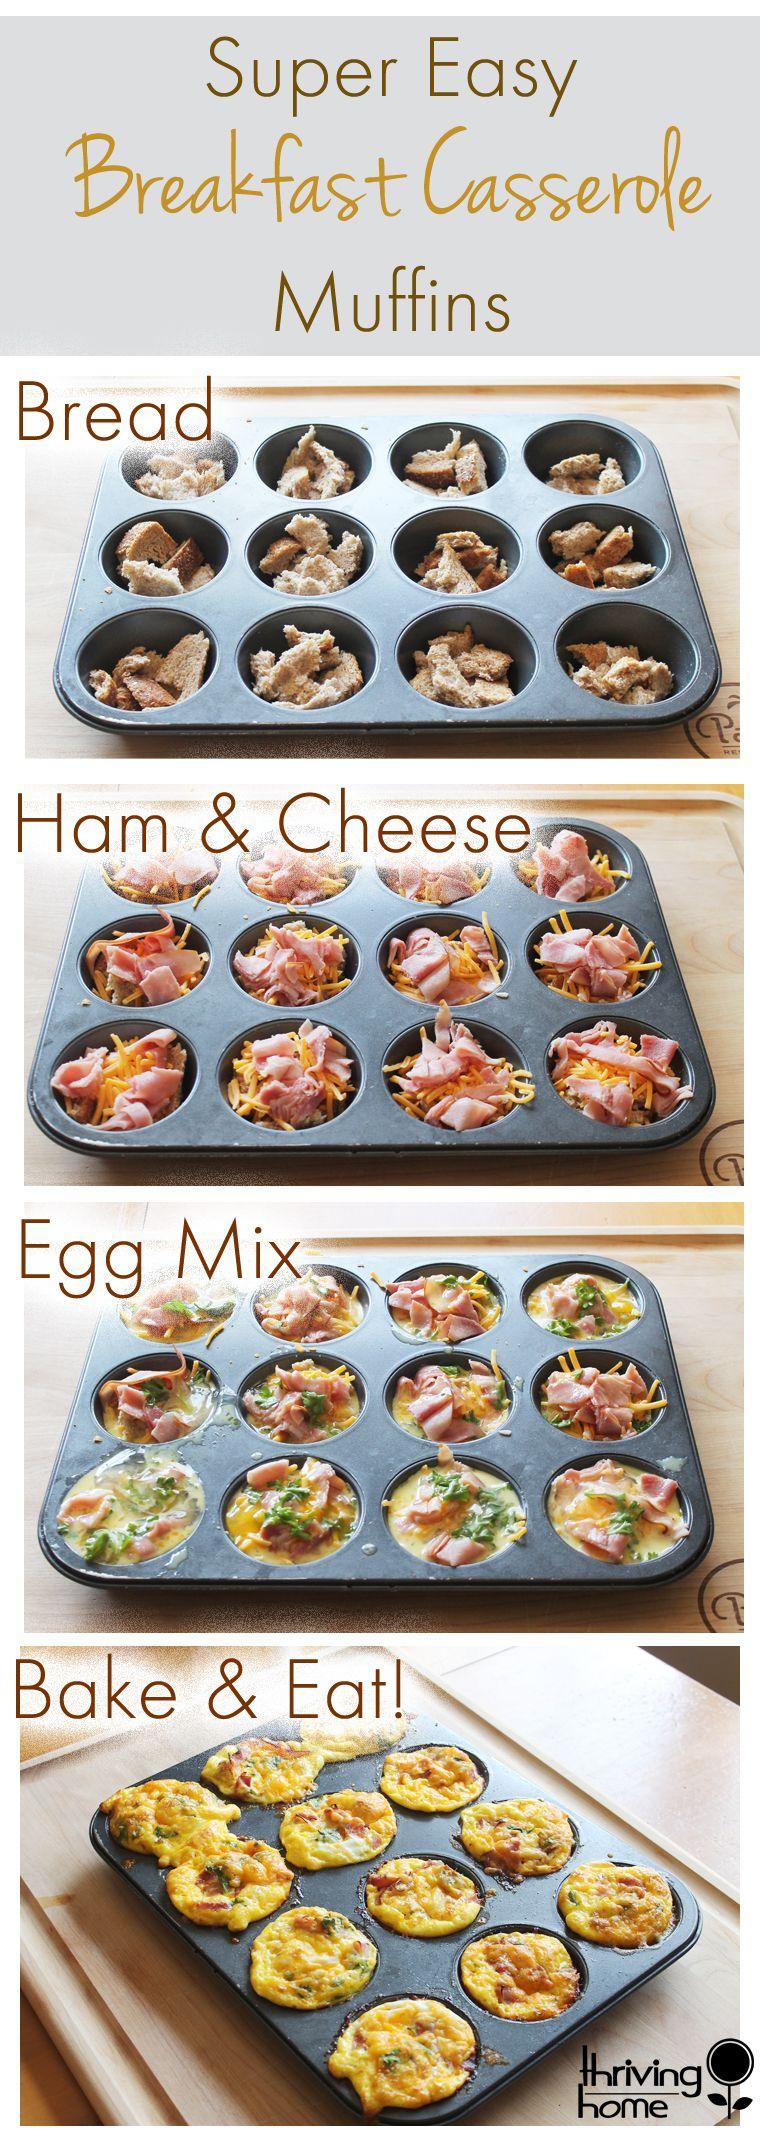 Easy Breakfast Casserole Muffins